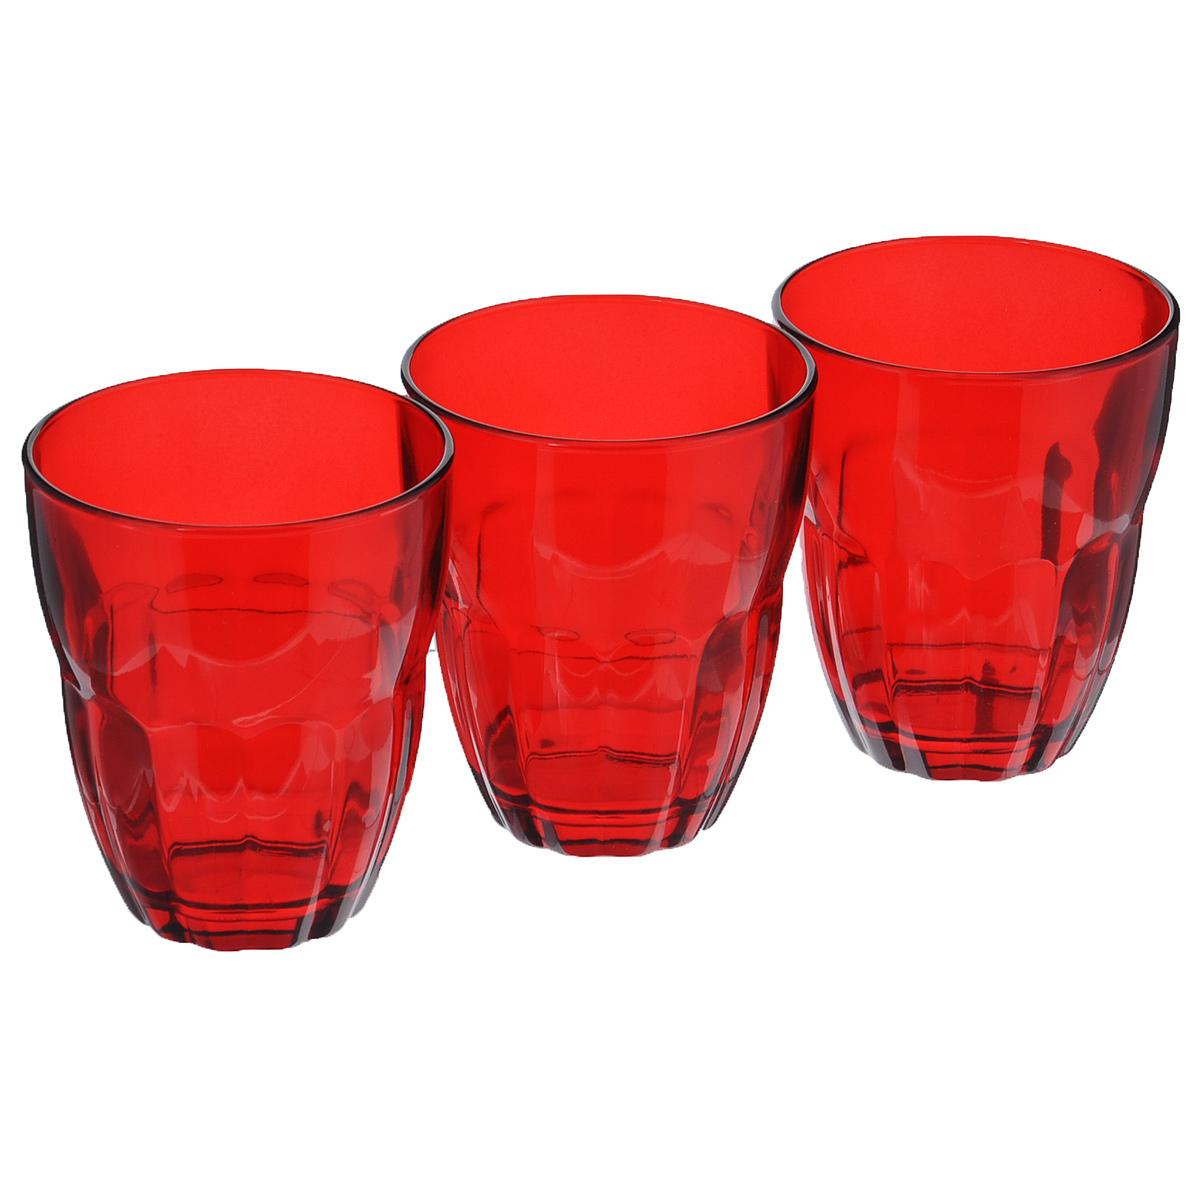 Набор стаканов Bormioli Rocco Ercole, цвет: красный, 230 мл, 3 шт набор стаканов bormioli rocco diamond rock purple 470 мл 3 шт